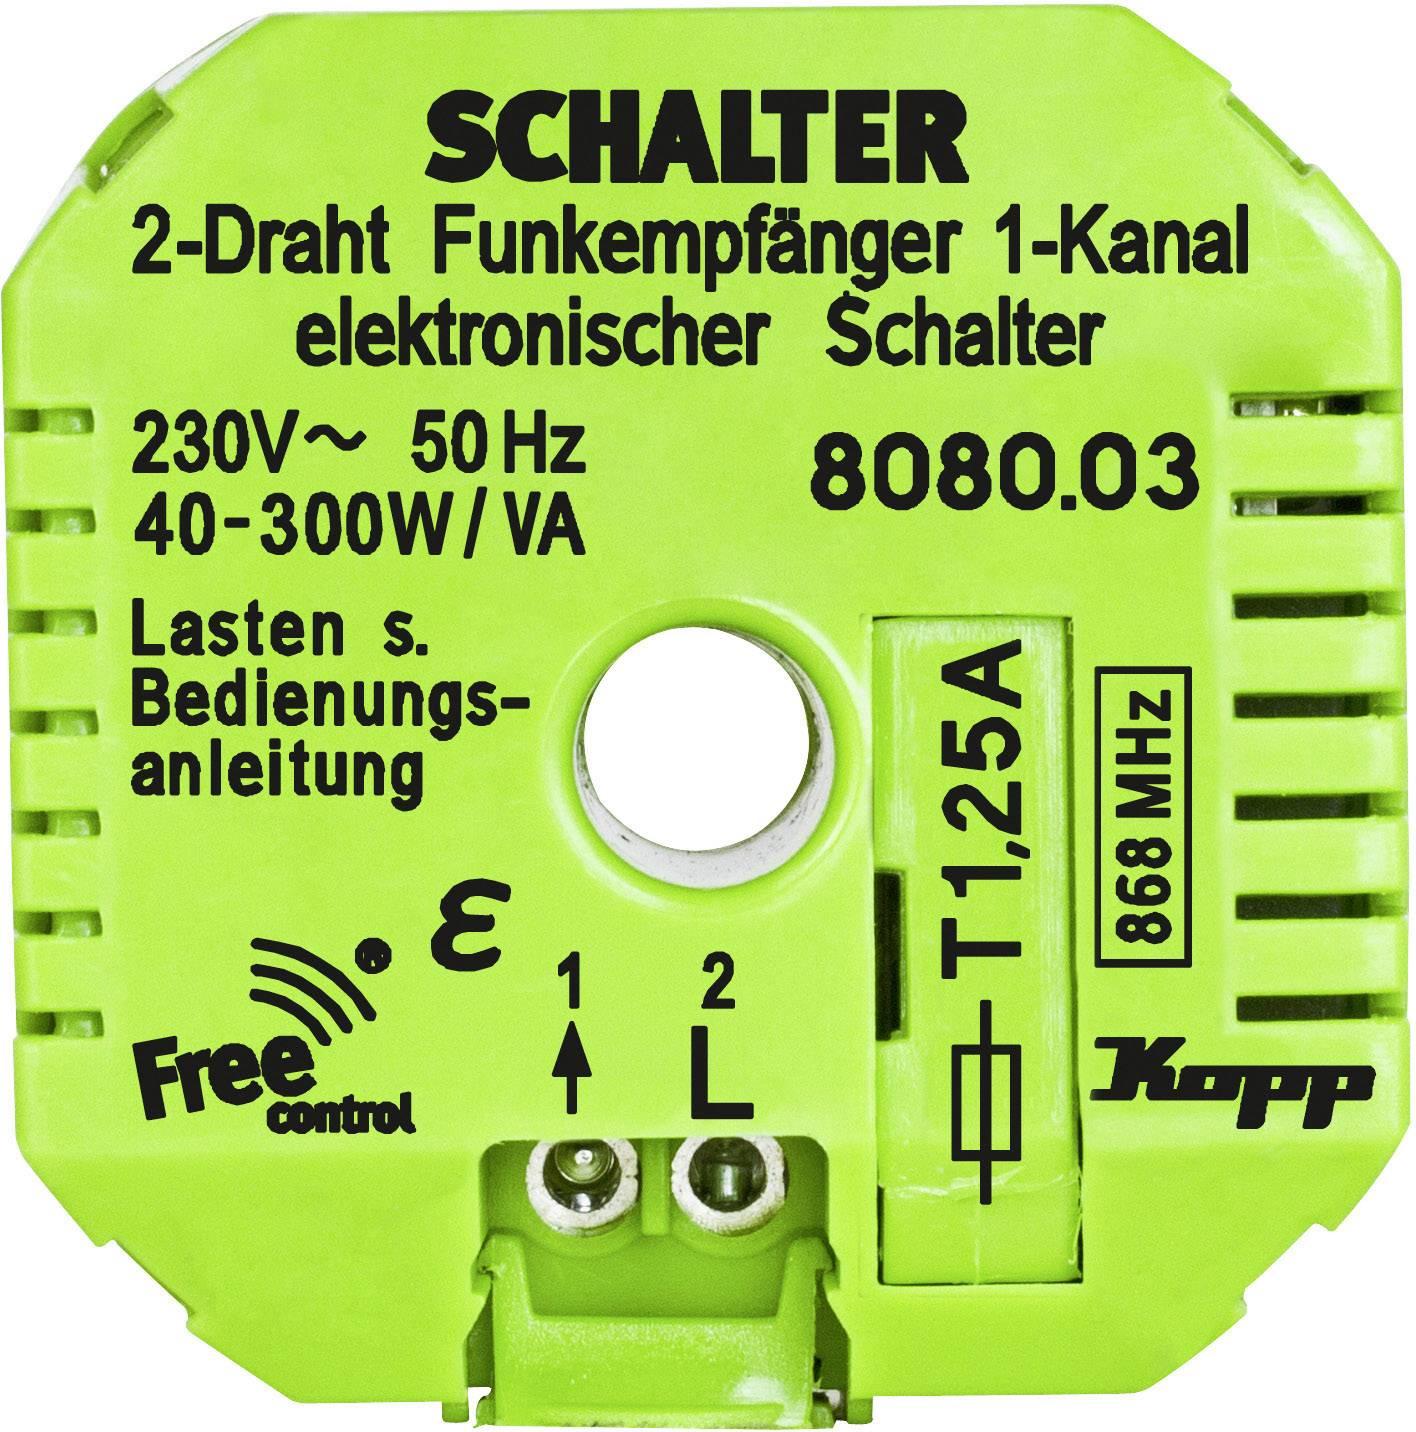 Bezdrôtový prijímač Kopp Free Control 808003328, 1-kanálový